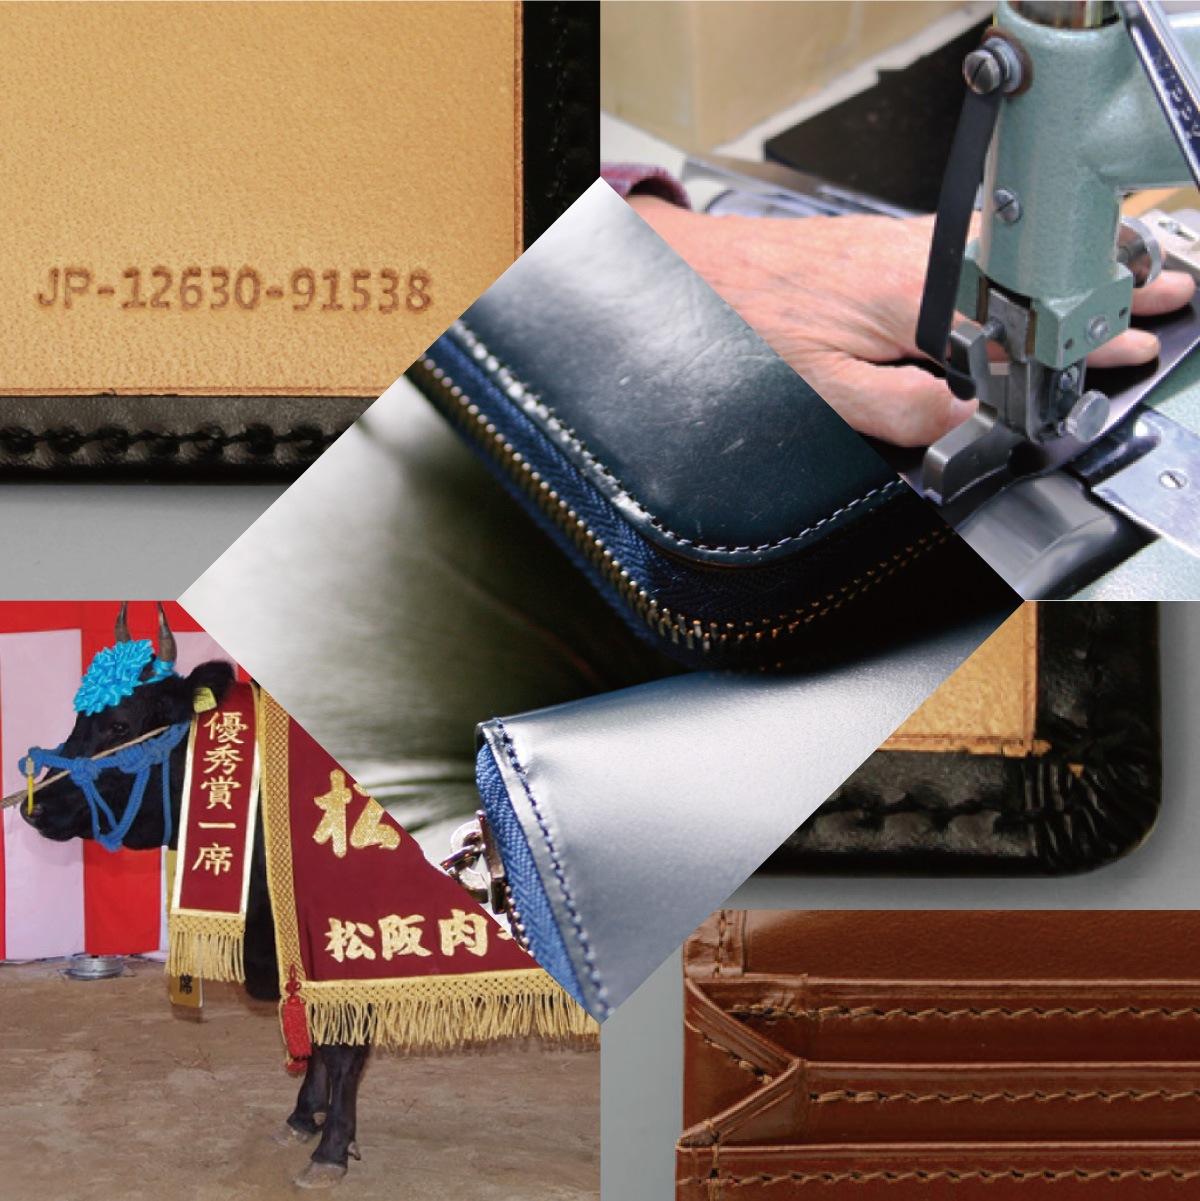 松阪レザーのプレミアム財布 さとりナチュラル 長財布 【カラー:藍】